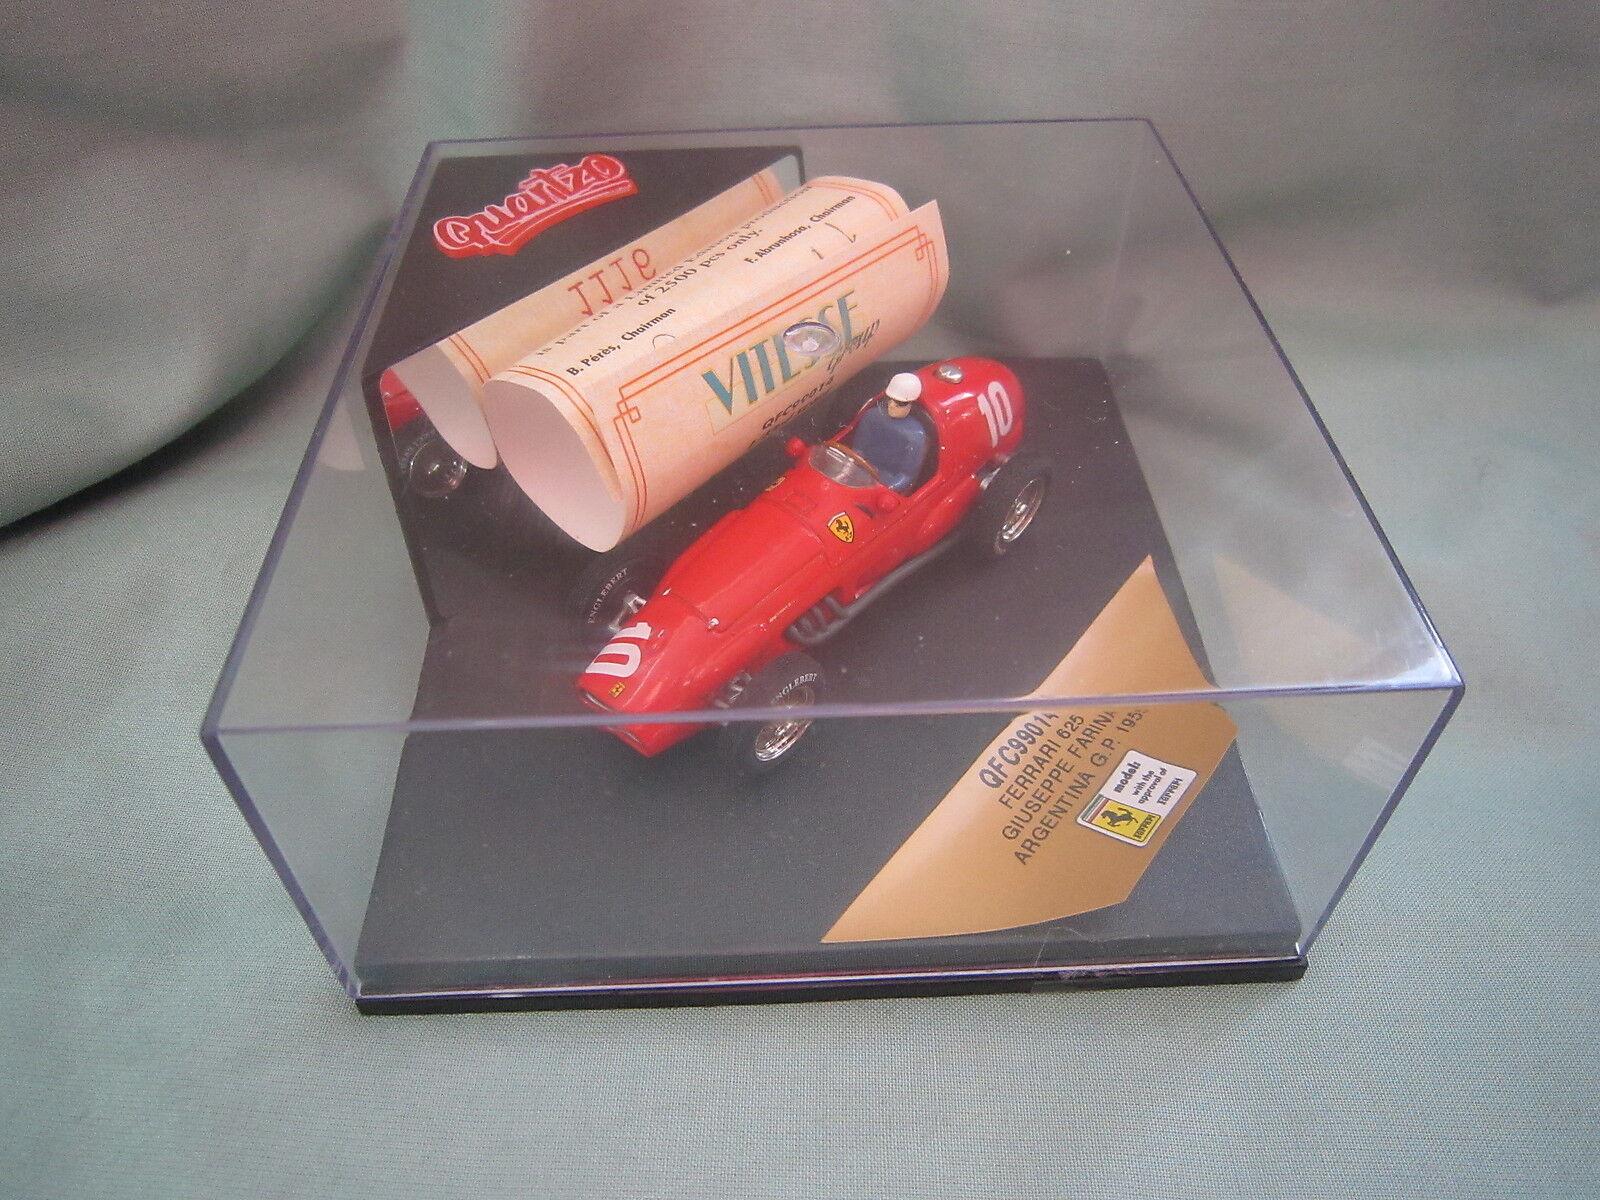 mejor servicio DV6011 QUARTZO VITESSE FERRARI 625  10 plataINA GP GP GP 1955 FARINA QFC99014 1 43 F1  Ven a elegir tu propio estilo deportivo.